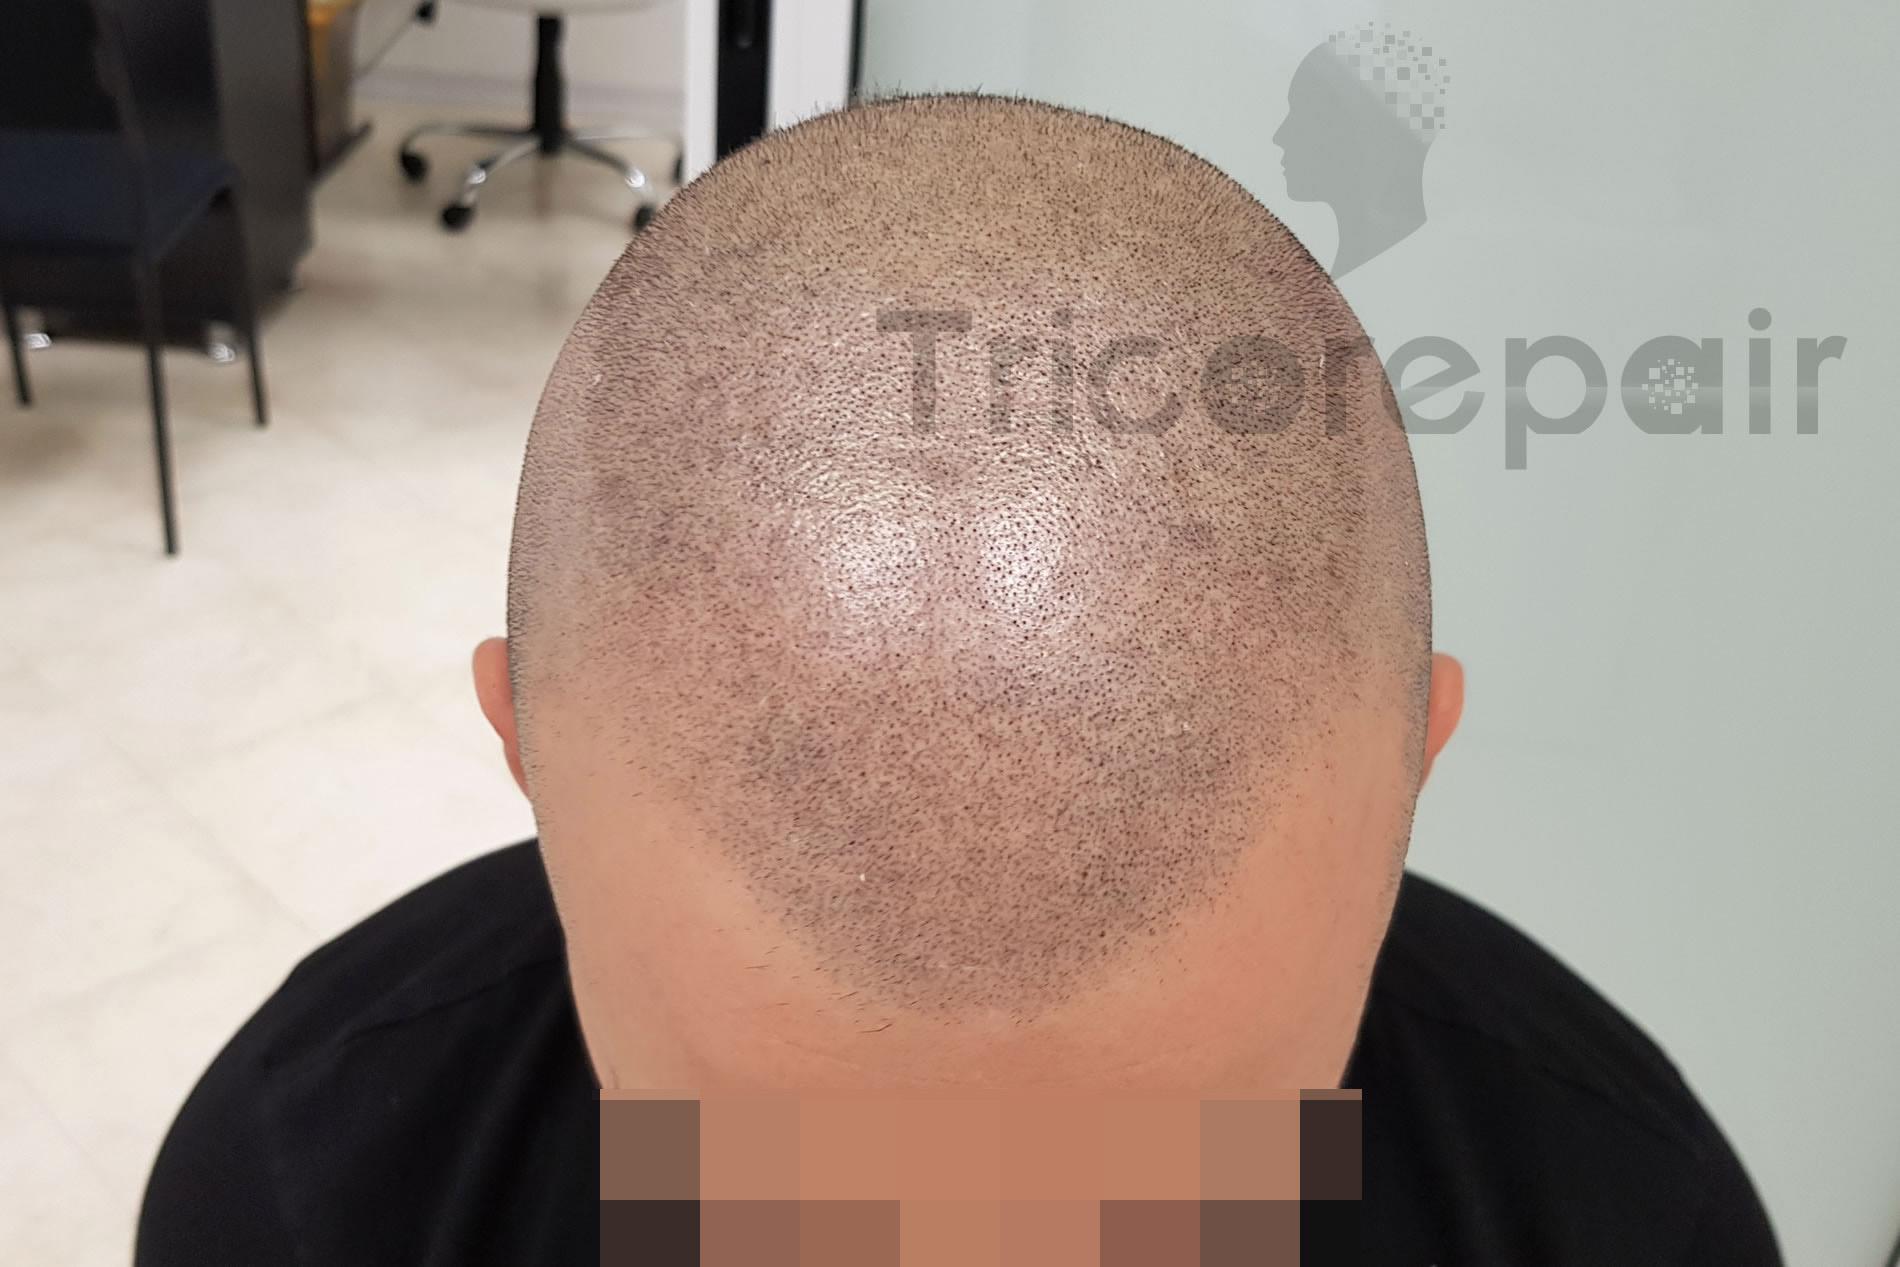 Ricostruzione effetto rasato con micropigmentazione del cuoio capelluto